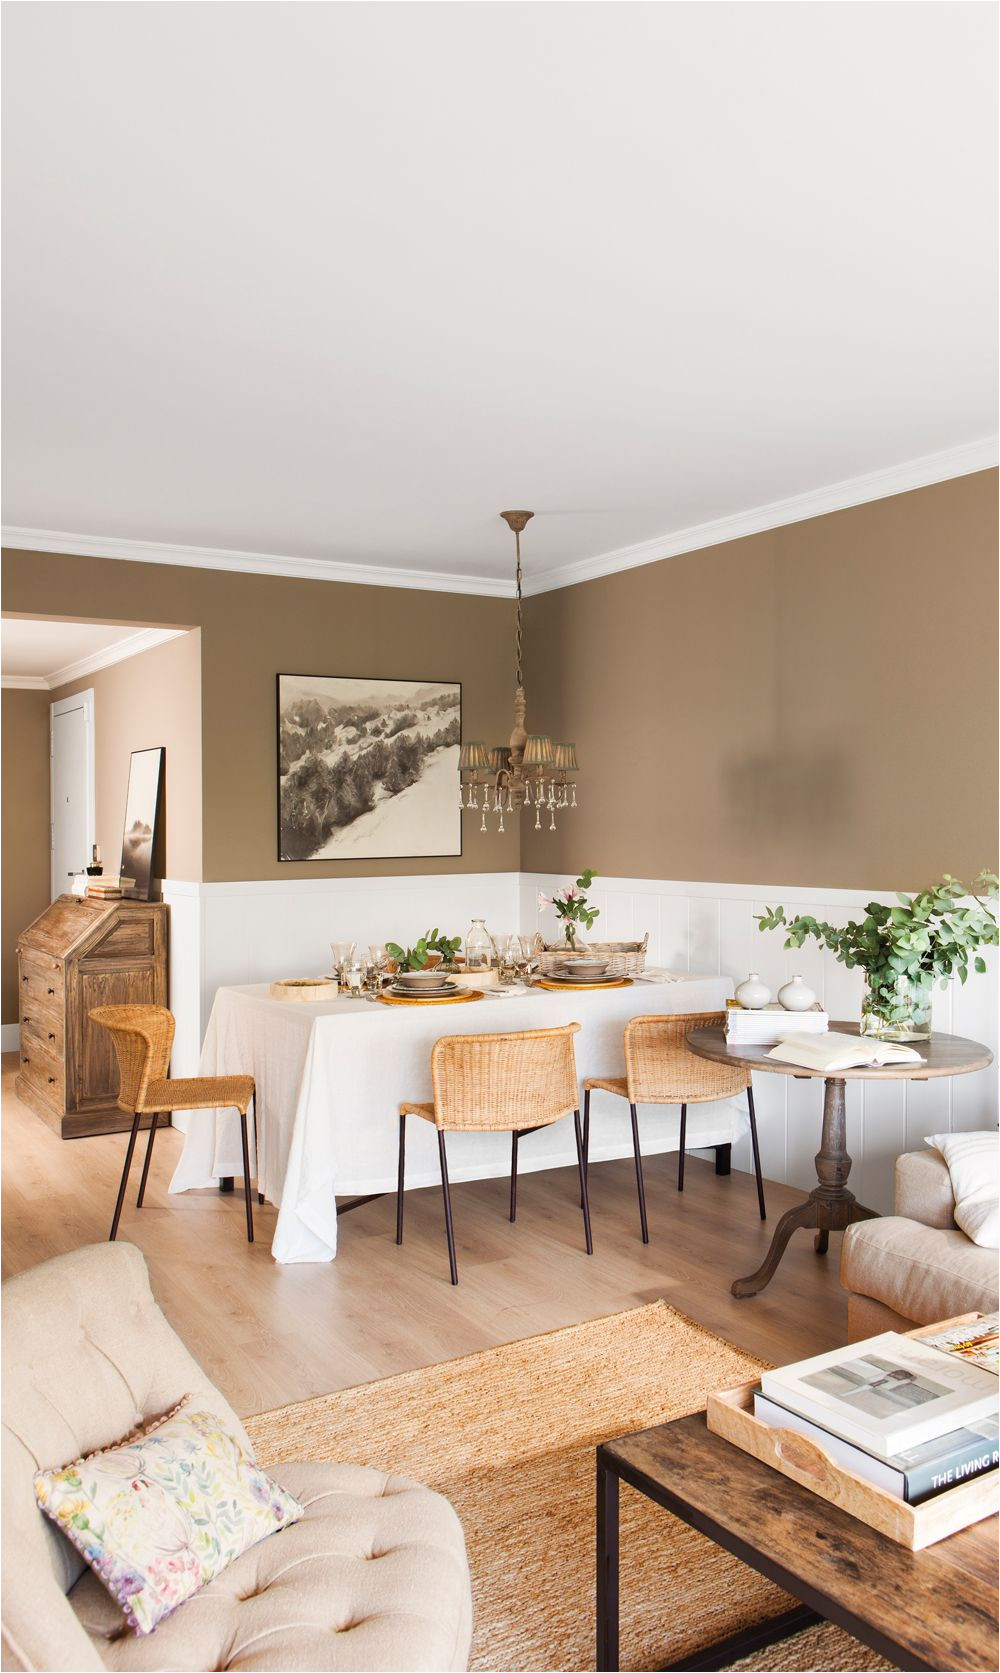 za calo blanco y paredes tostadas en sala n comedor 00438264